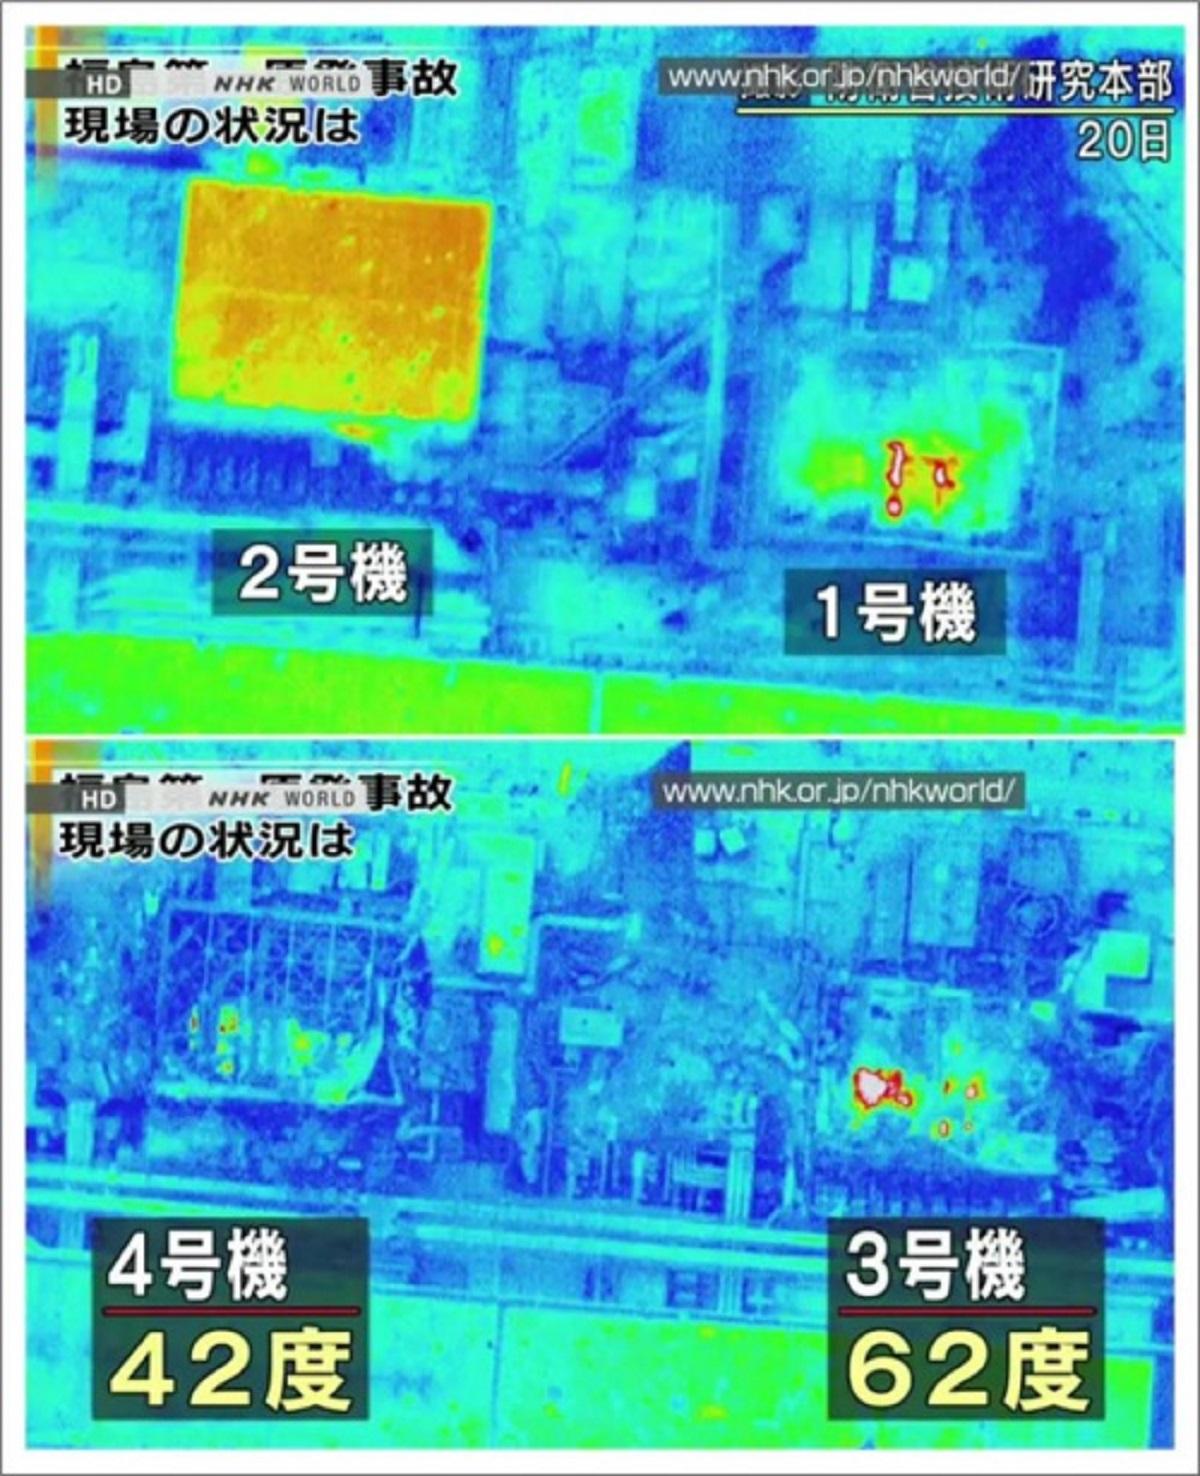 Thermal+image+Fukushima+Reactor+Meltdown.jpg